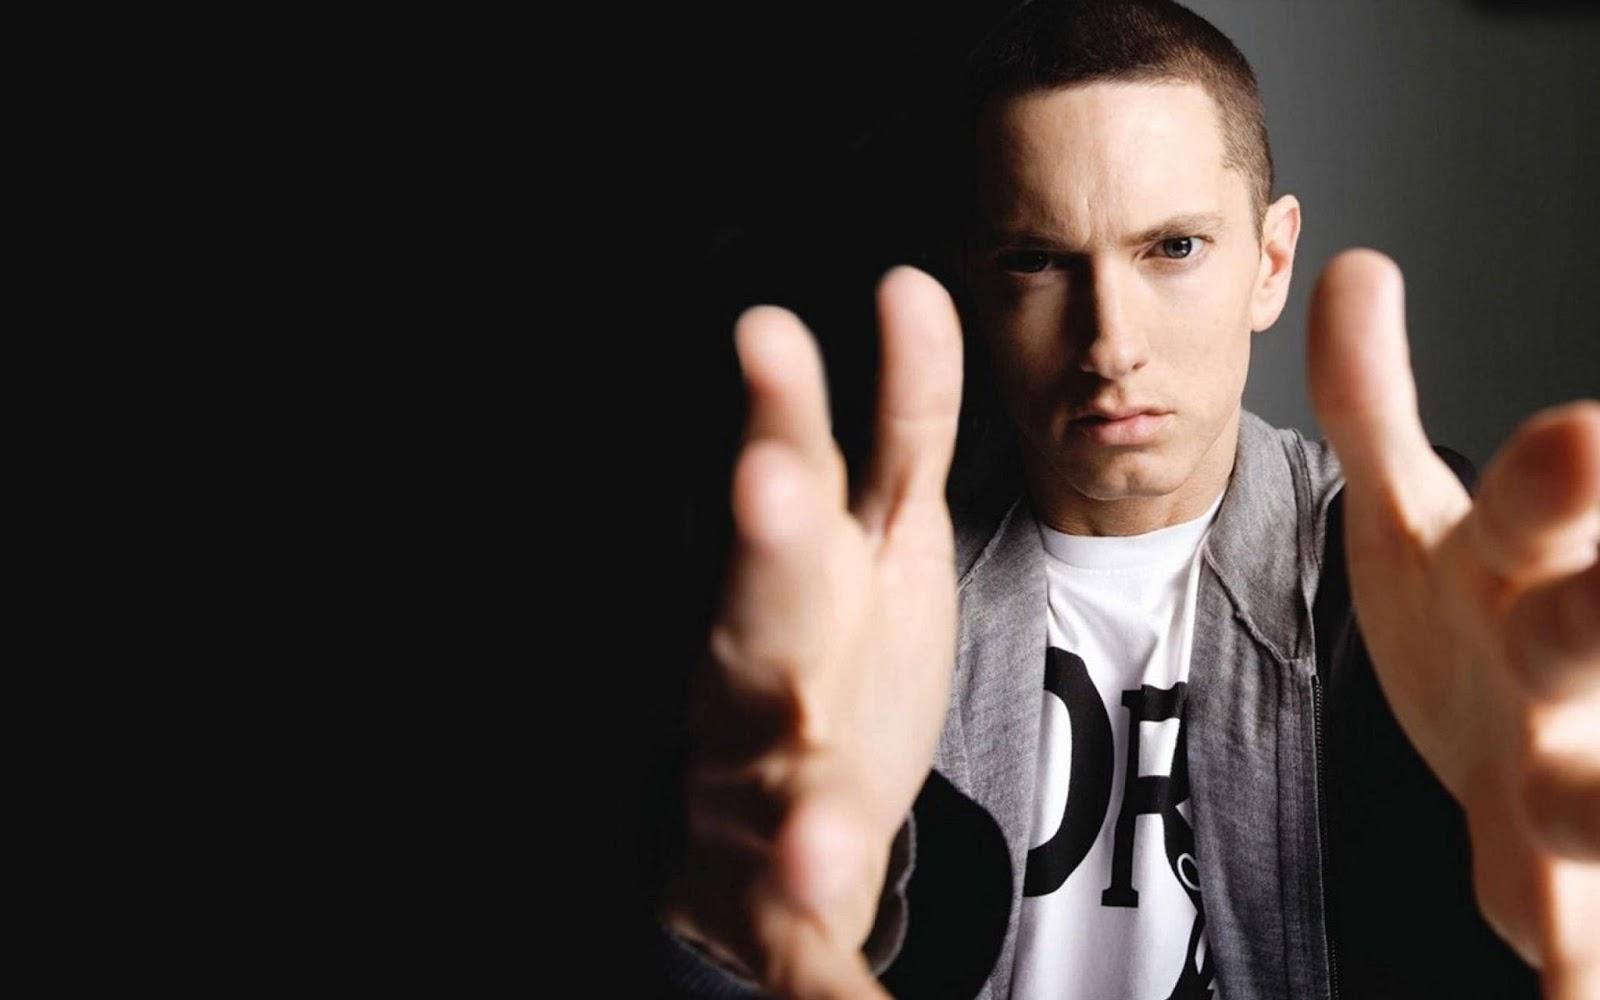 Eminem - Headlights ft. Nate Ruess: testo tradotto - Traduzione in italiano